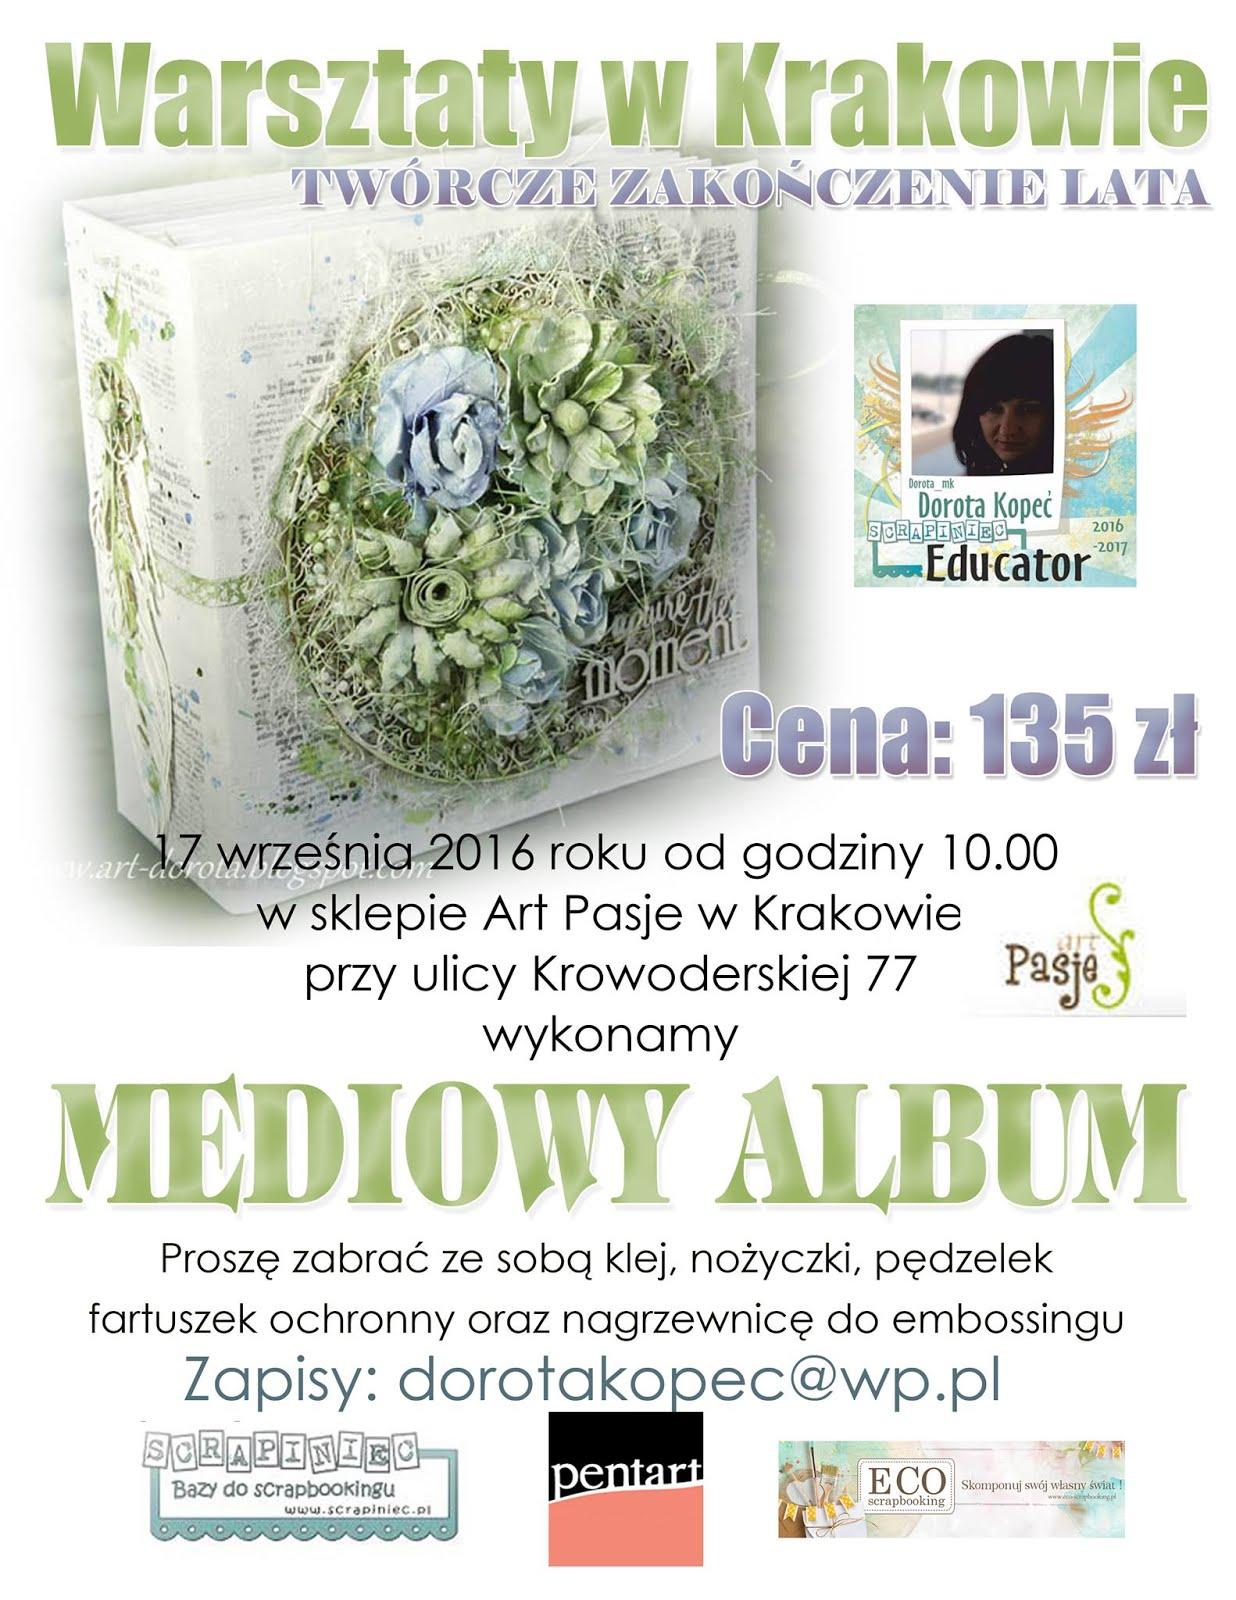 Kraków 17.09.2016